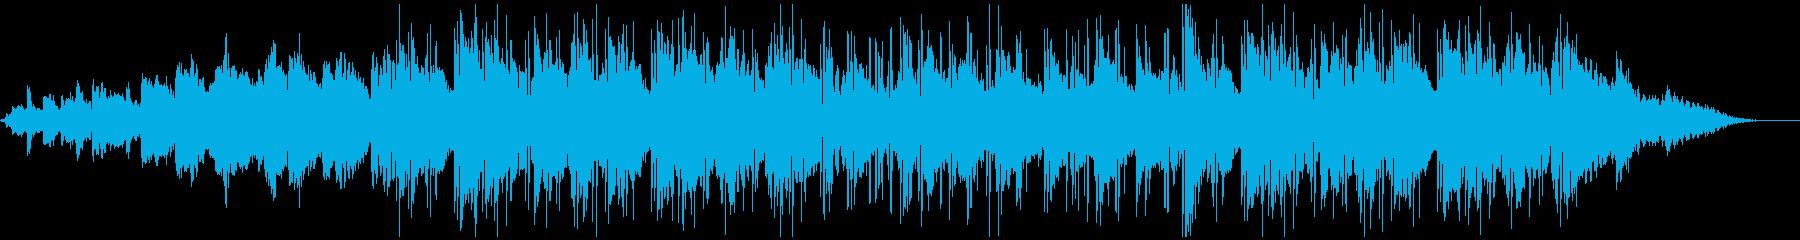 リラックス/切ないイメージのLofiの再生済みの波形